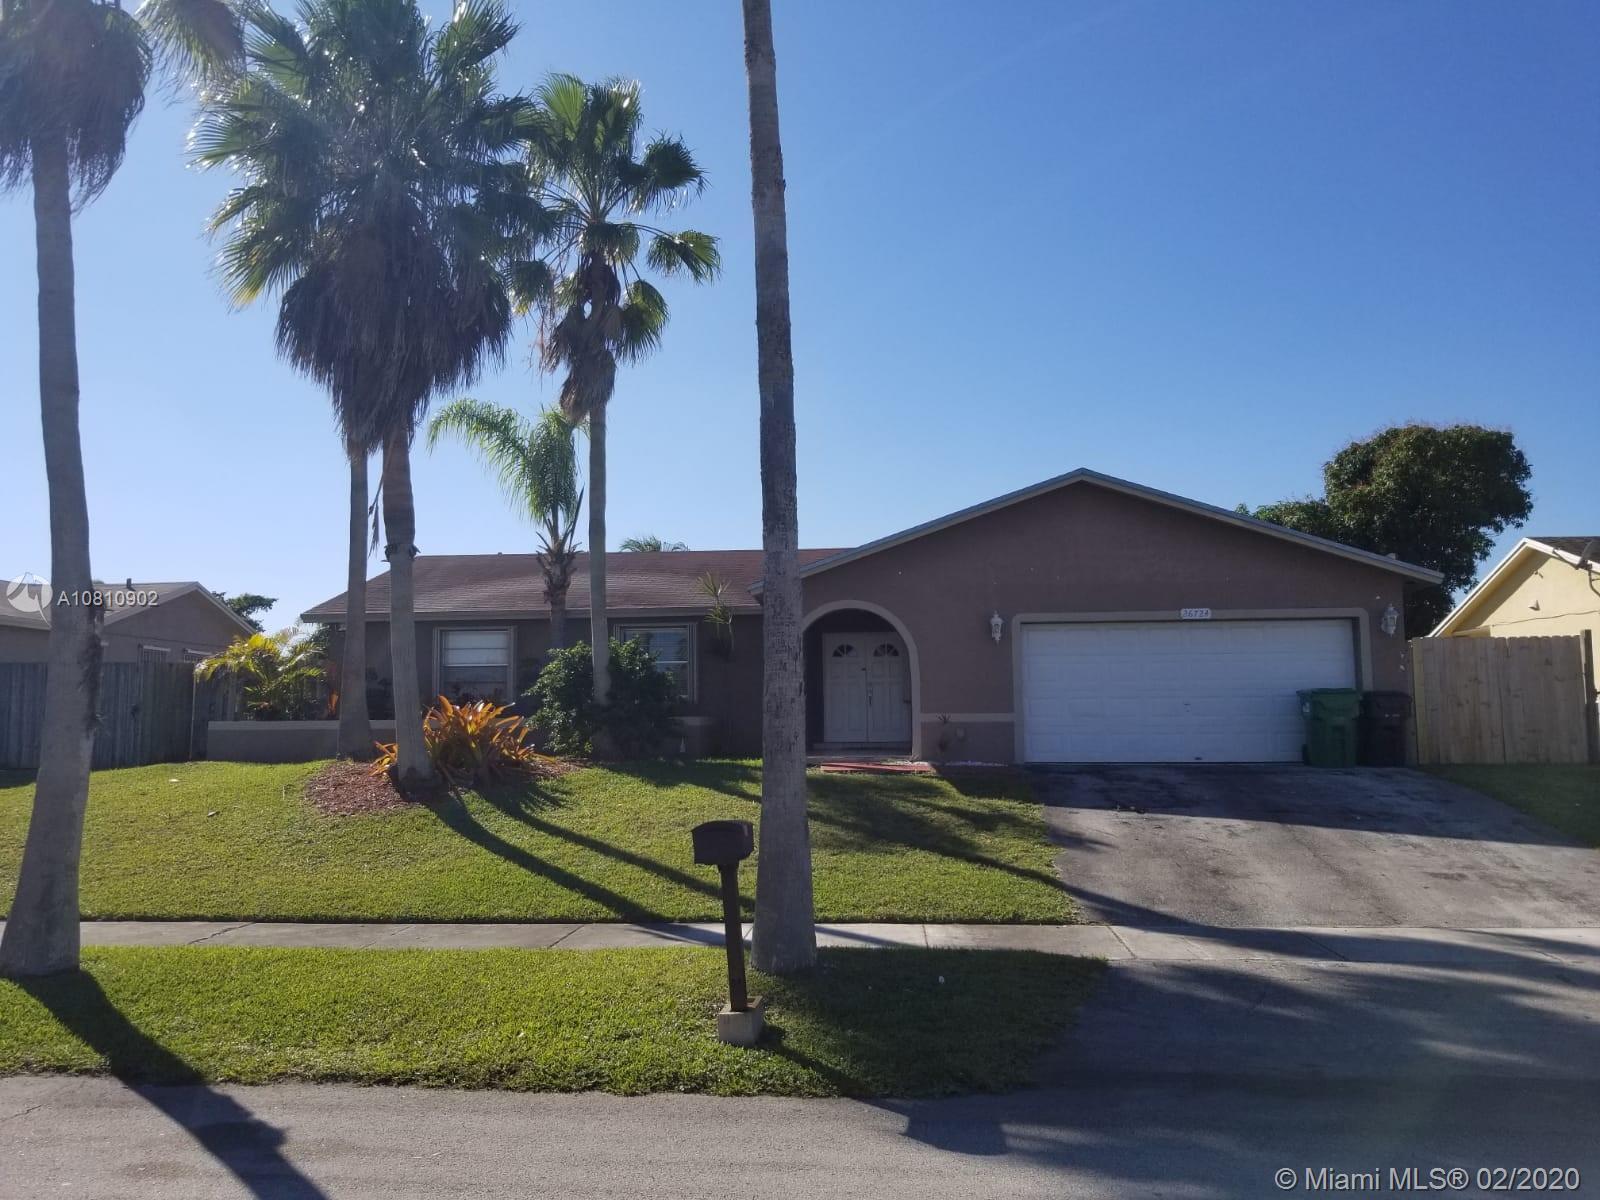 26724 SW 122nd Pl, Homestead, FL 33032 - Homestead, FL real estate listing